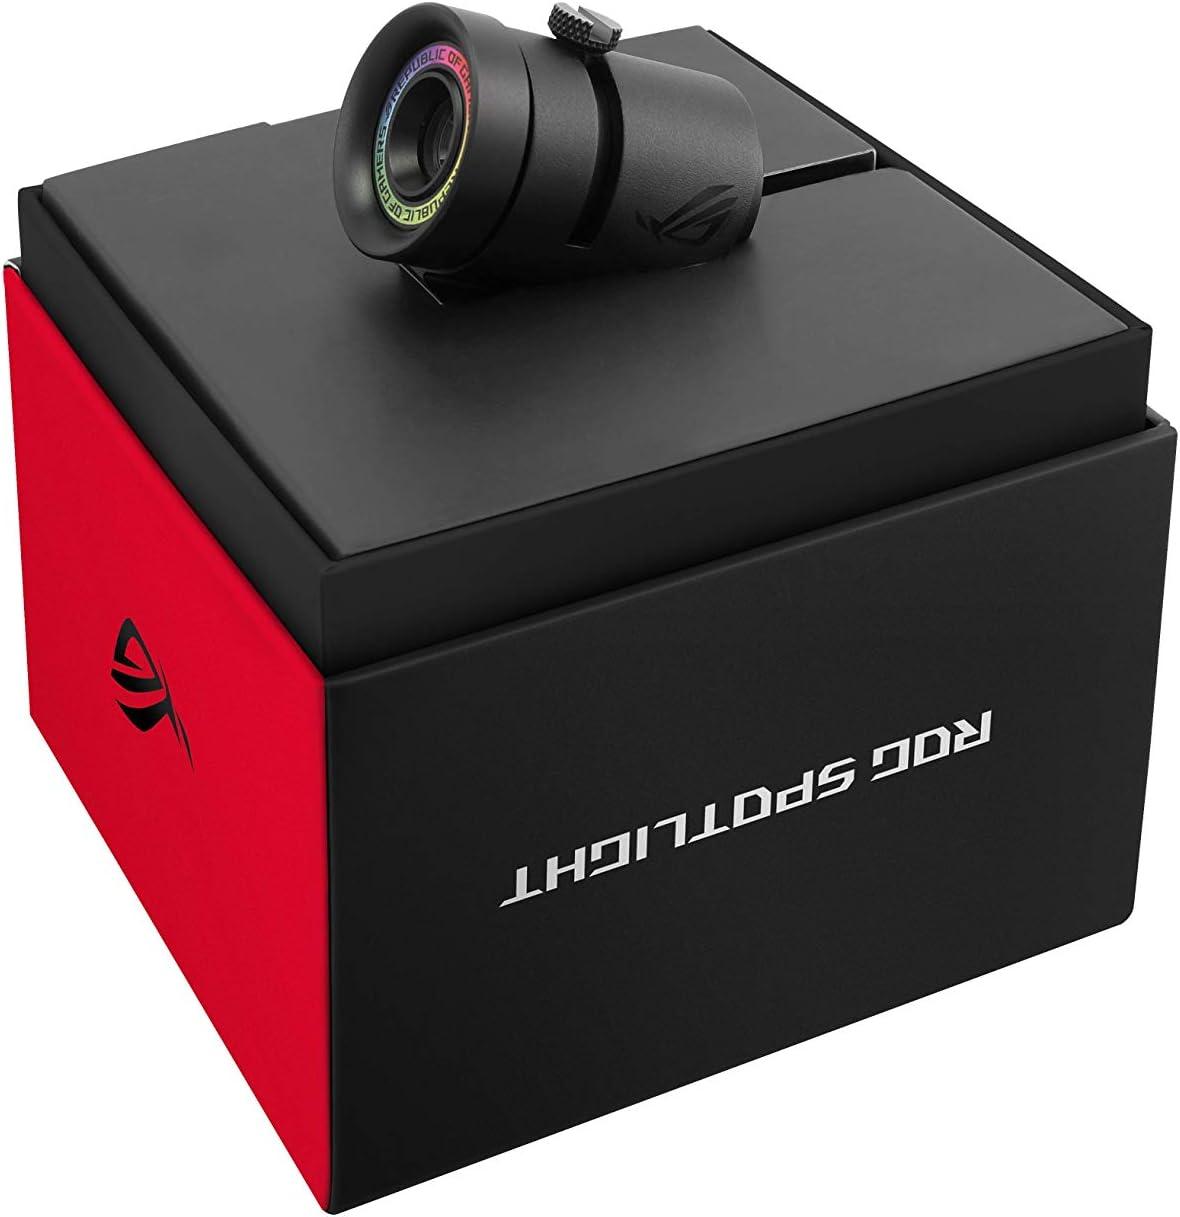 ASUS ROG Spotlight - Proyecta el Logotipo ROG, conexión por USB y Aura Sync RGB LED: Asustek: Amazon.es: Informática